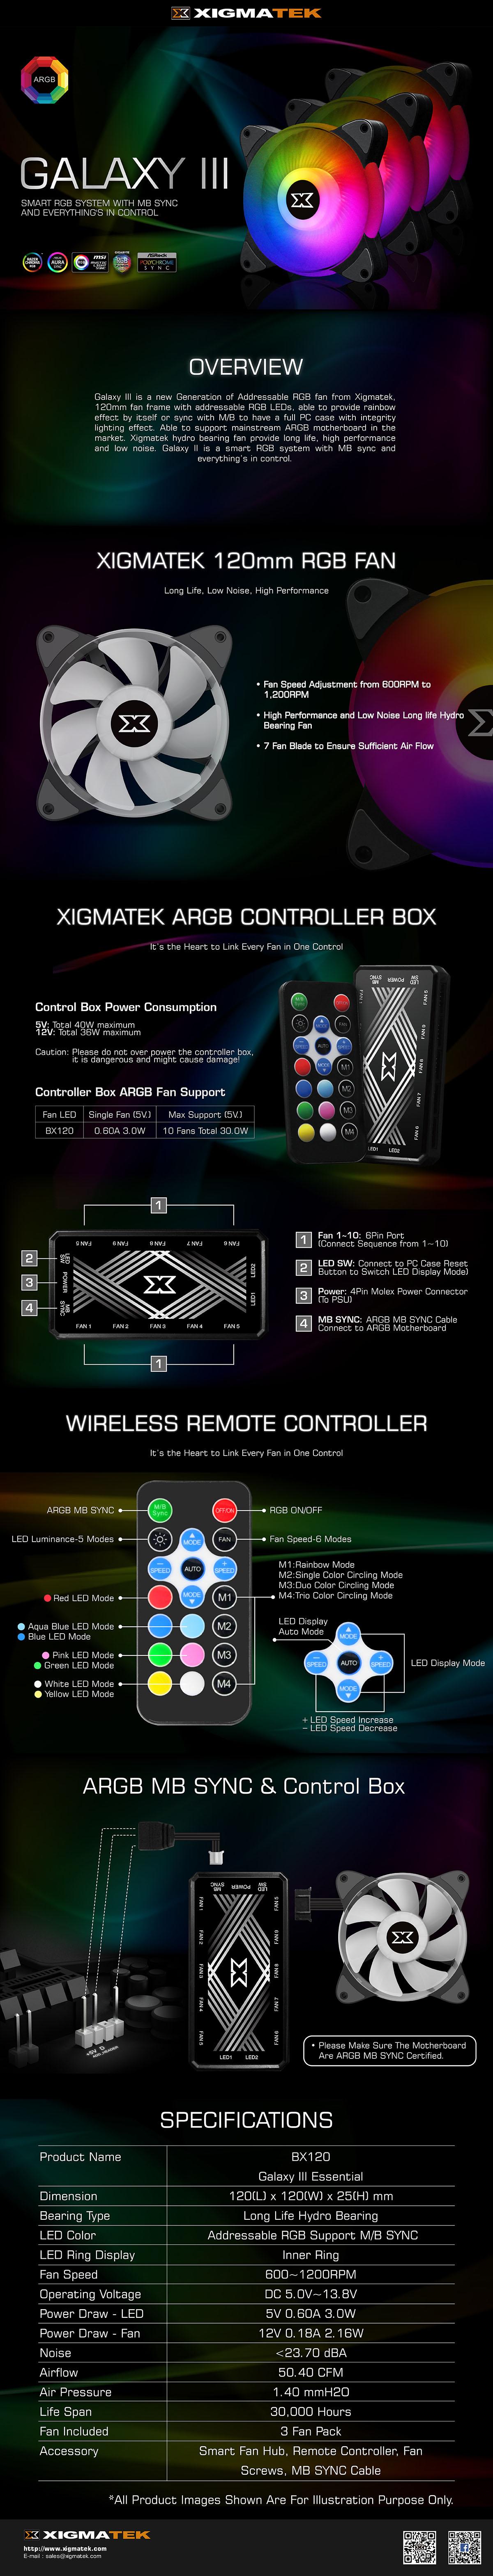 Xigmatek Galaxy III Essential ARGB Case Fans - EN45433 14